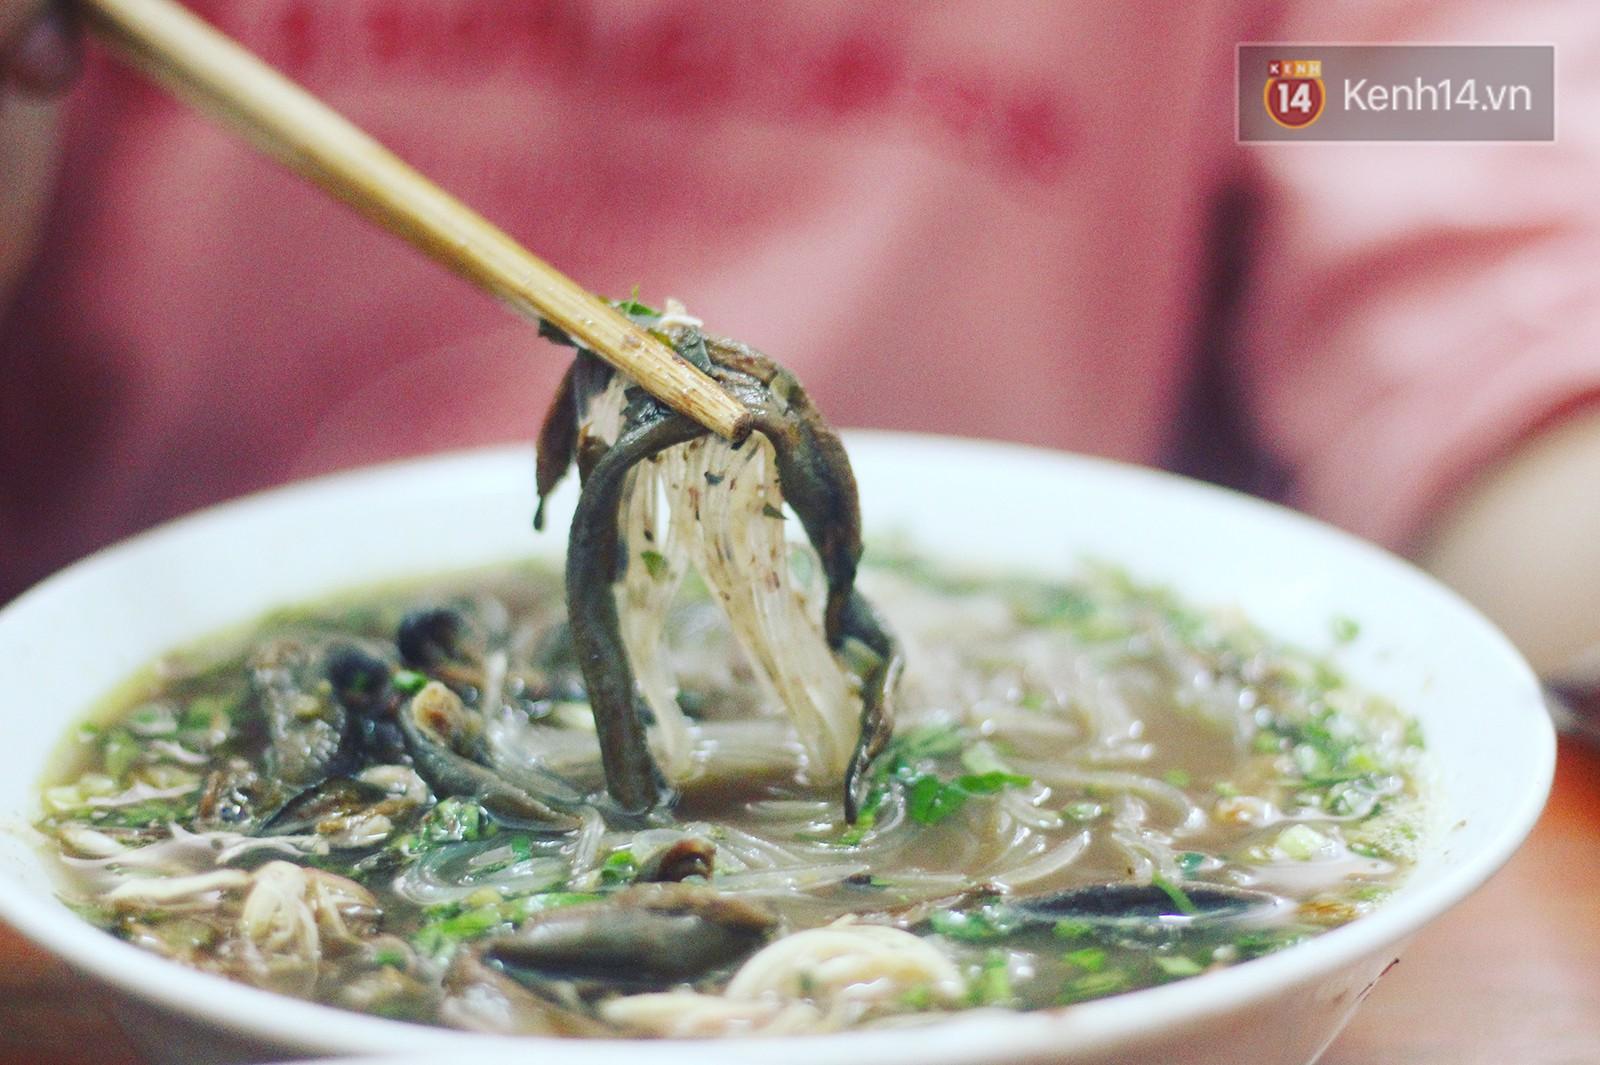 Về Ninh Bình là phải ăn miến lươn em ơi, nhớ nhé các bạn đi du lịch mùa này - Ảnh 6.